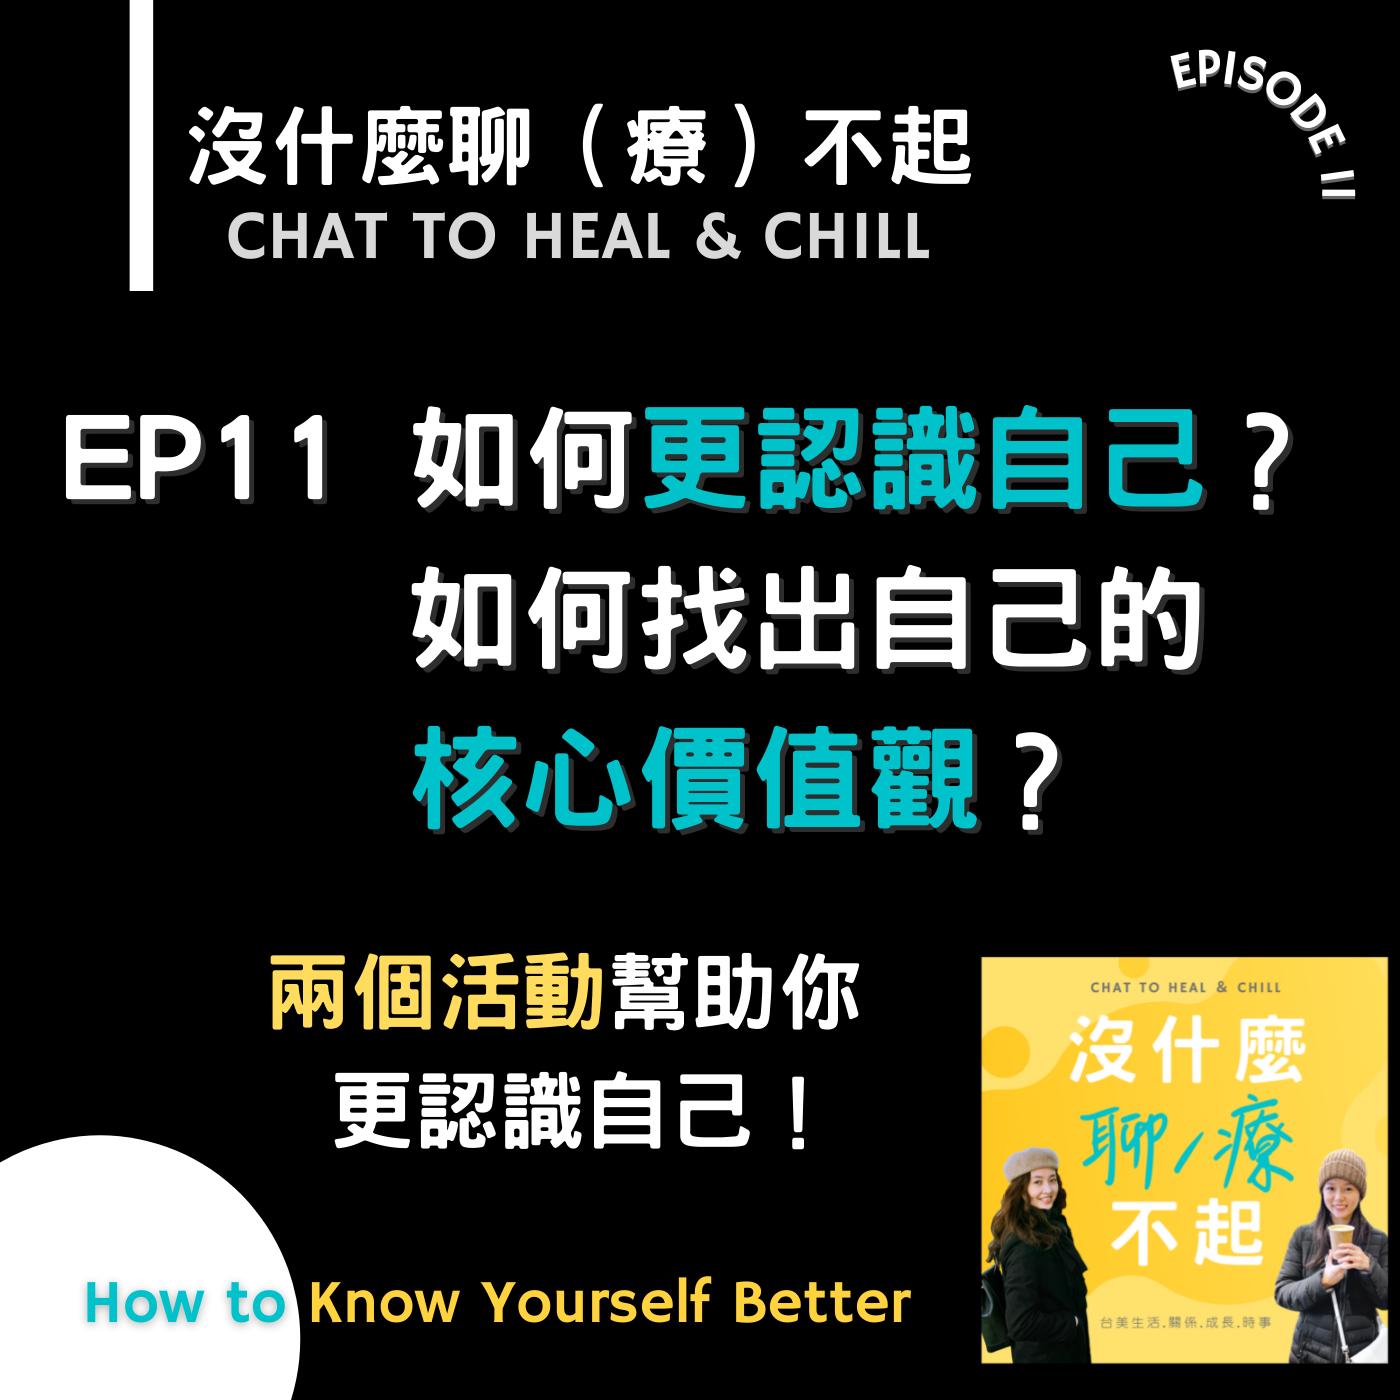 EP11 如何更認識自己?如何找出自己的核心價值觀?兩個活動幫助你更認識你自己!